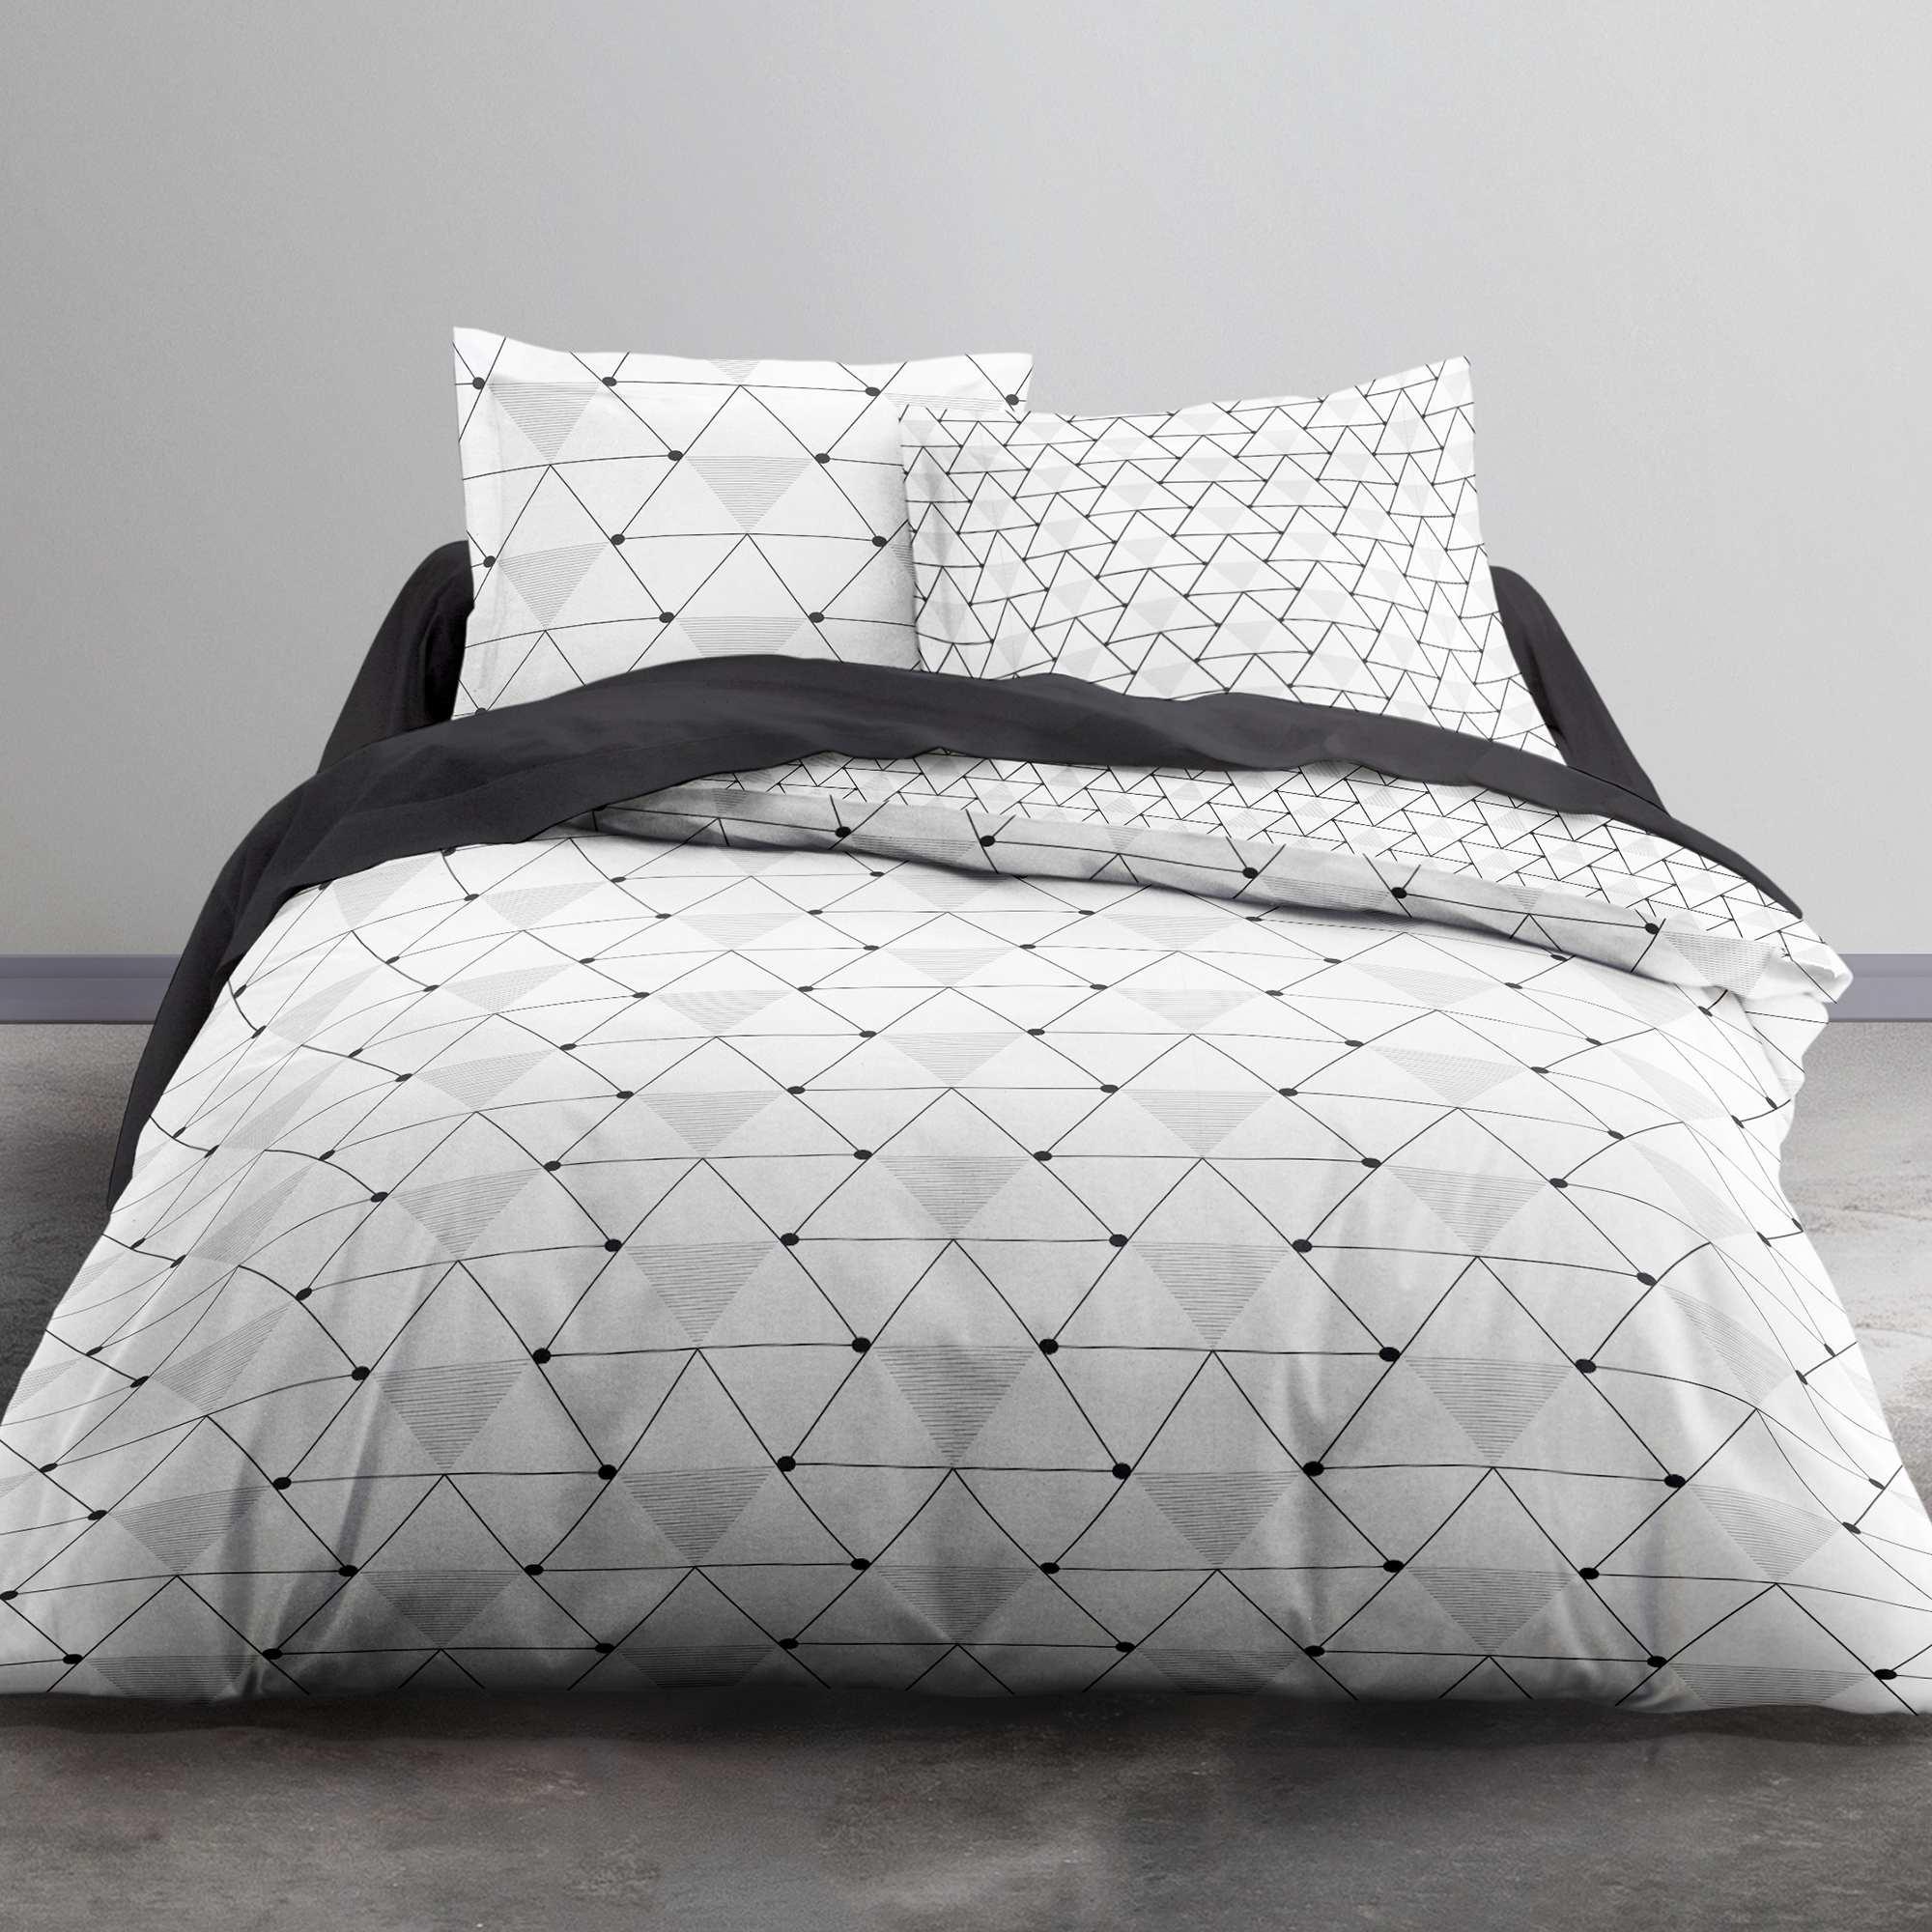 parure de lit imprim 39 g om trique triangle 39 linge de lit blanc noir kiabi 20 00. Black Bedroom Furniture Sets. Home Design Ideas